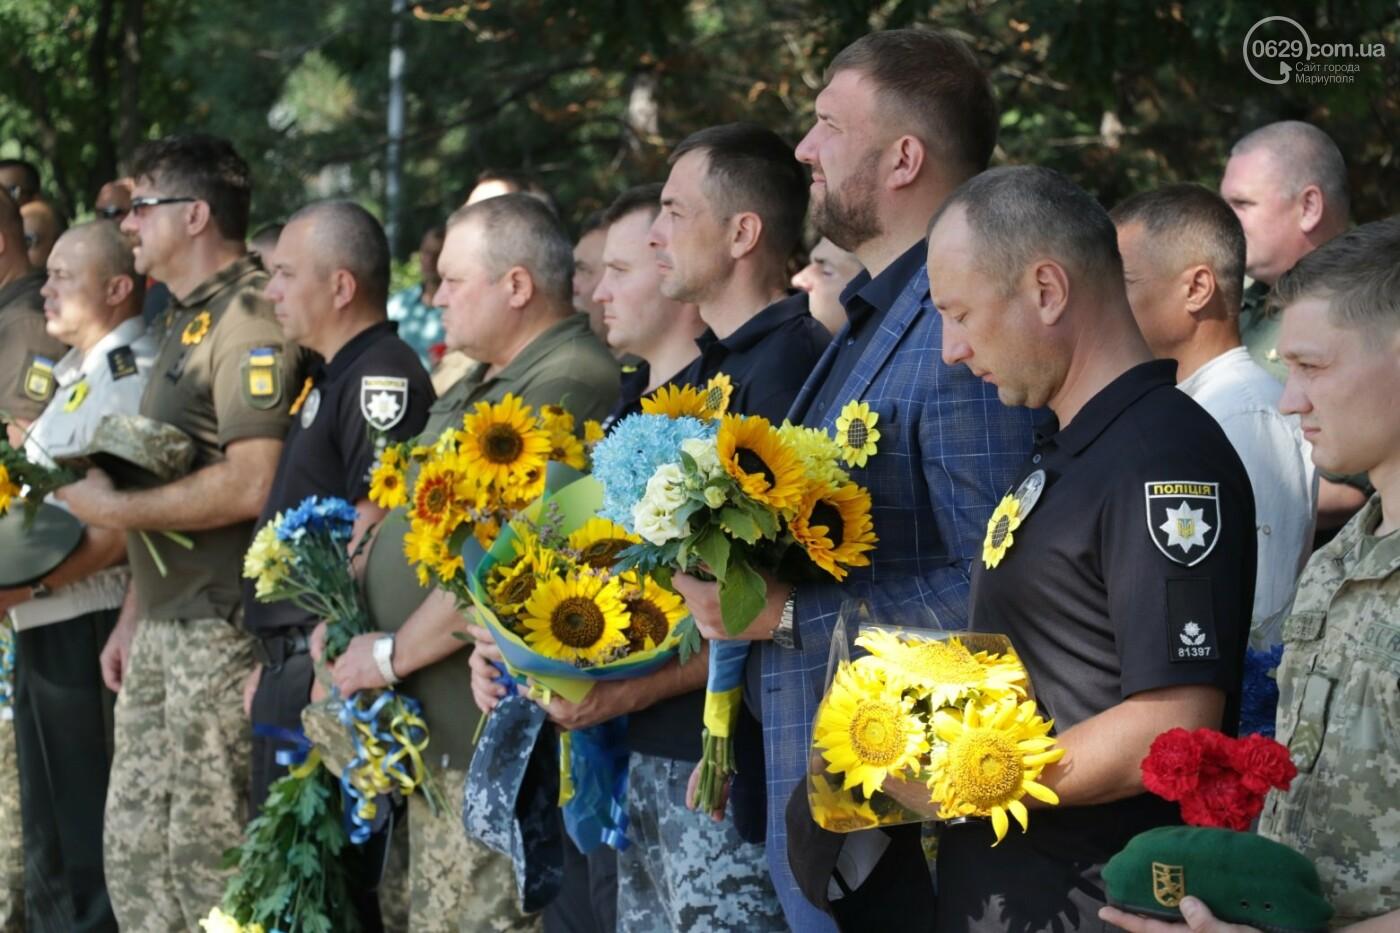 Общенациональная минута молчания. Как в Мариуполе почтили память защитников Украины, - ФОТОРЕПОРТАЖ, фото-18